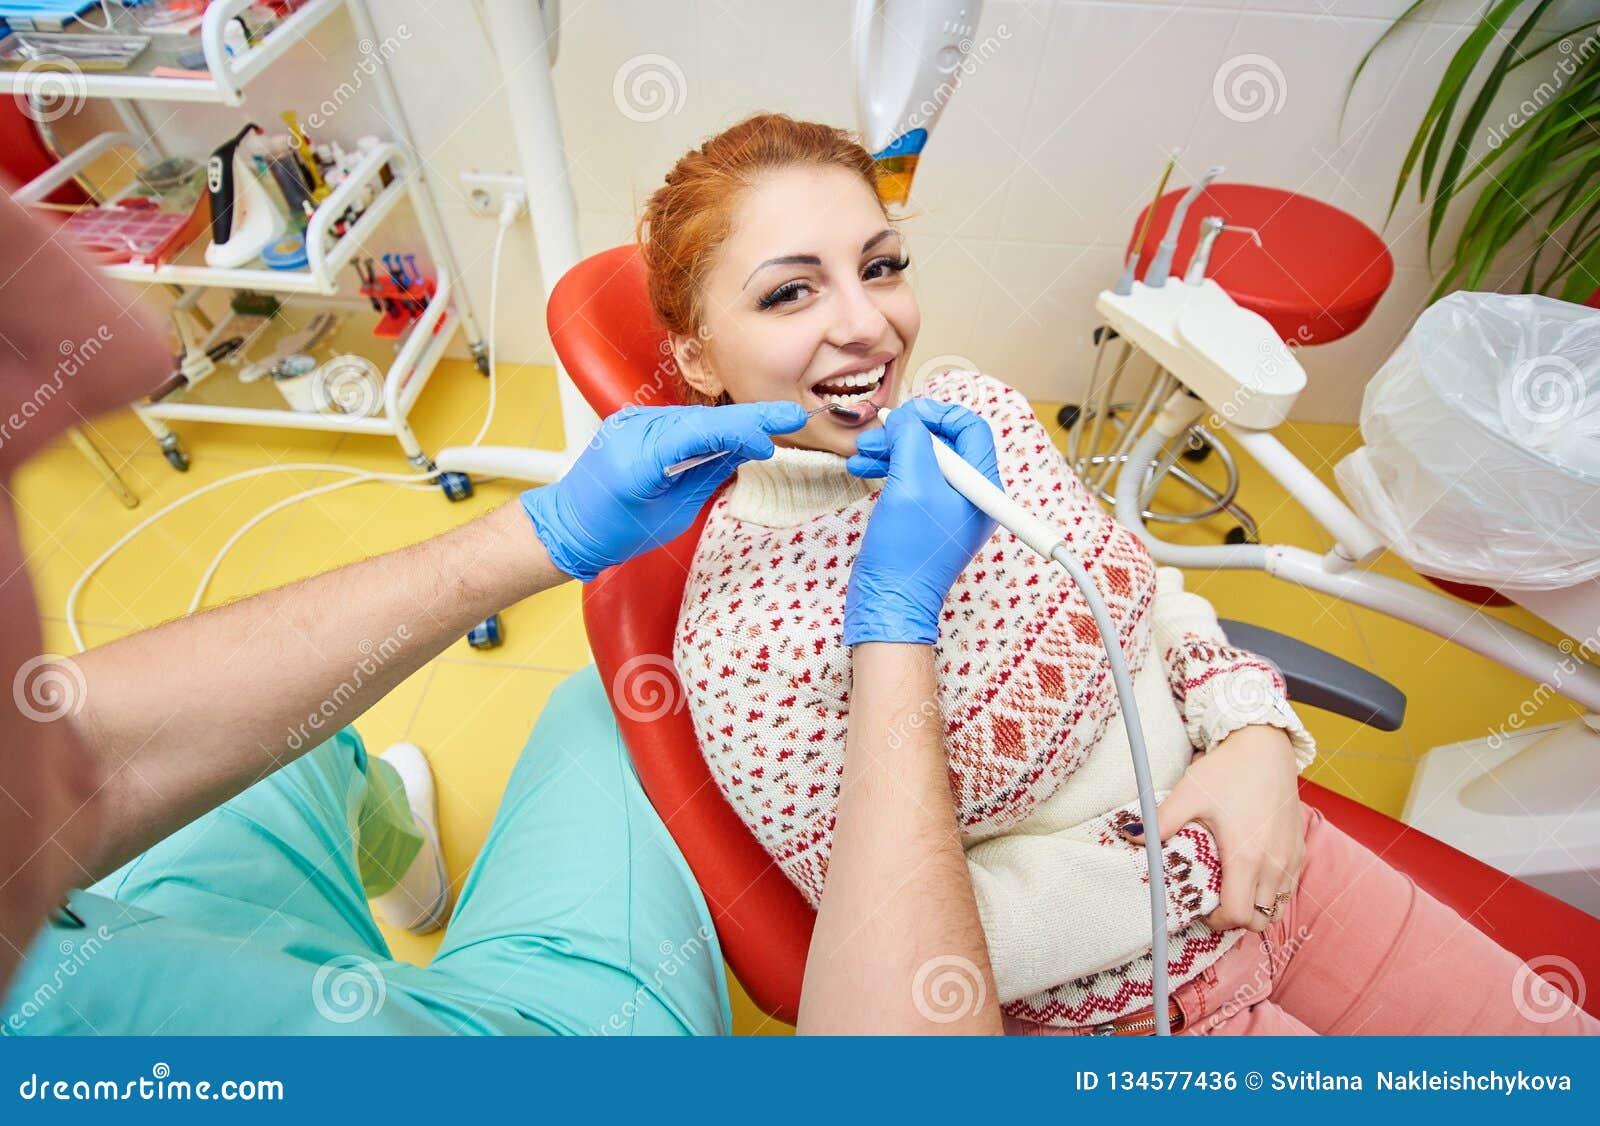 Ufficio dentario, trattamento dentario, prevenzione di salute